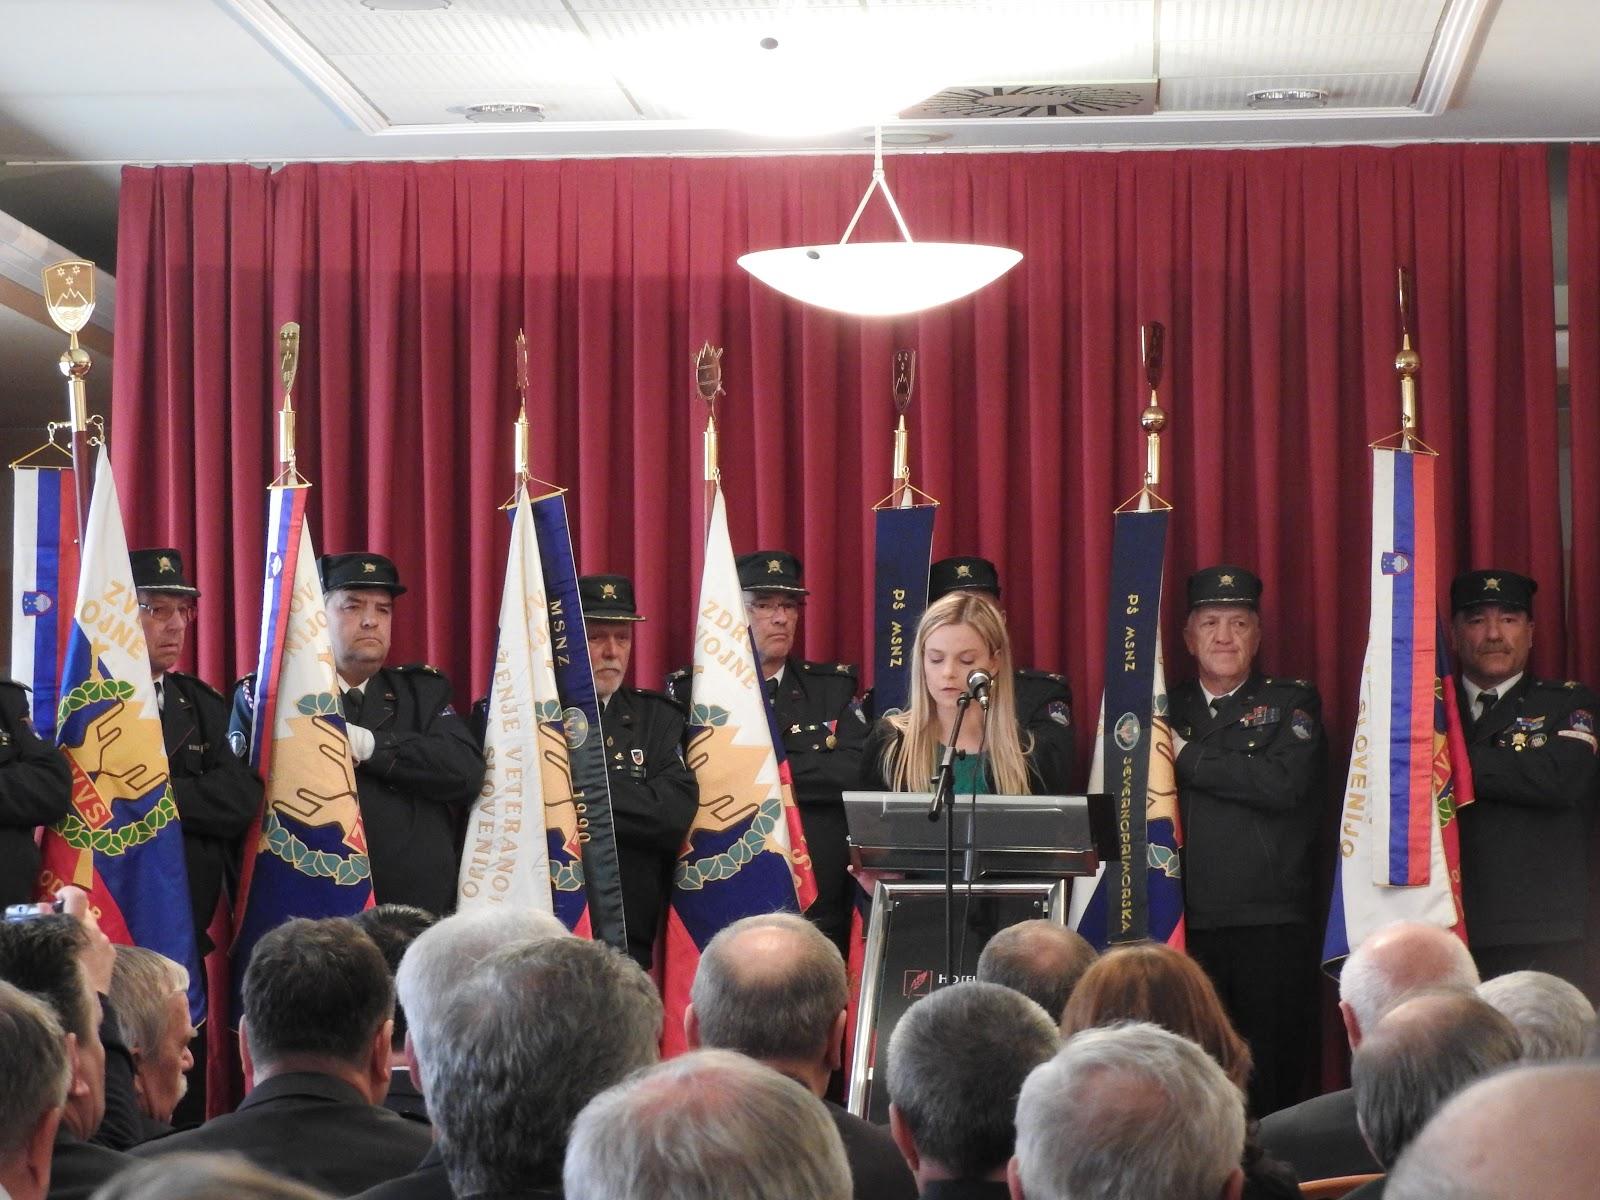 Glavni zbor veteranov ZVVS v Murski soboti